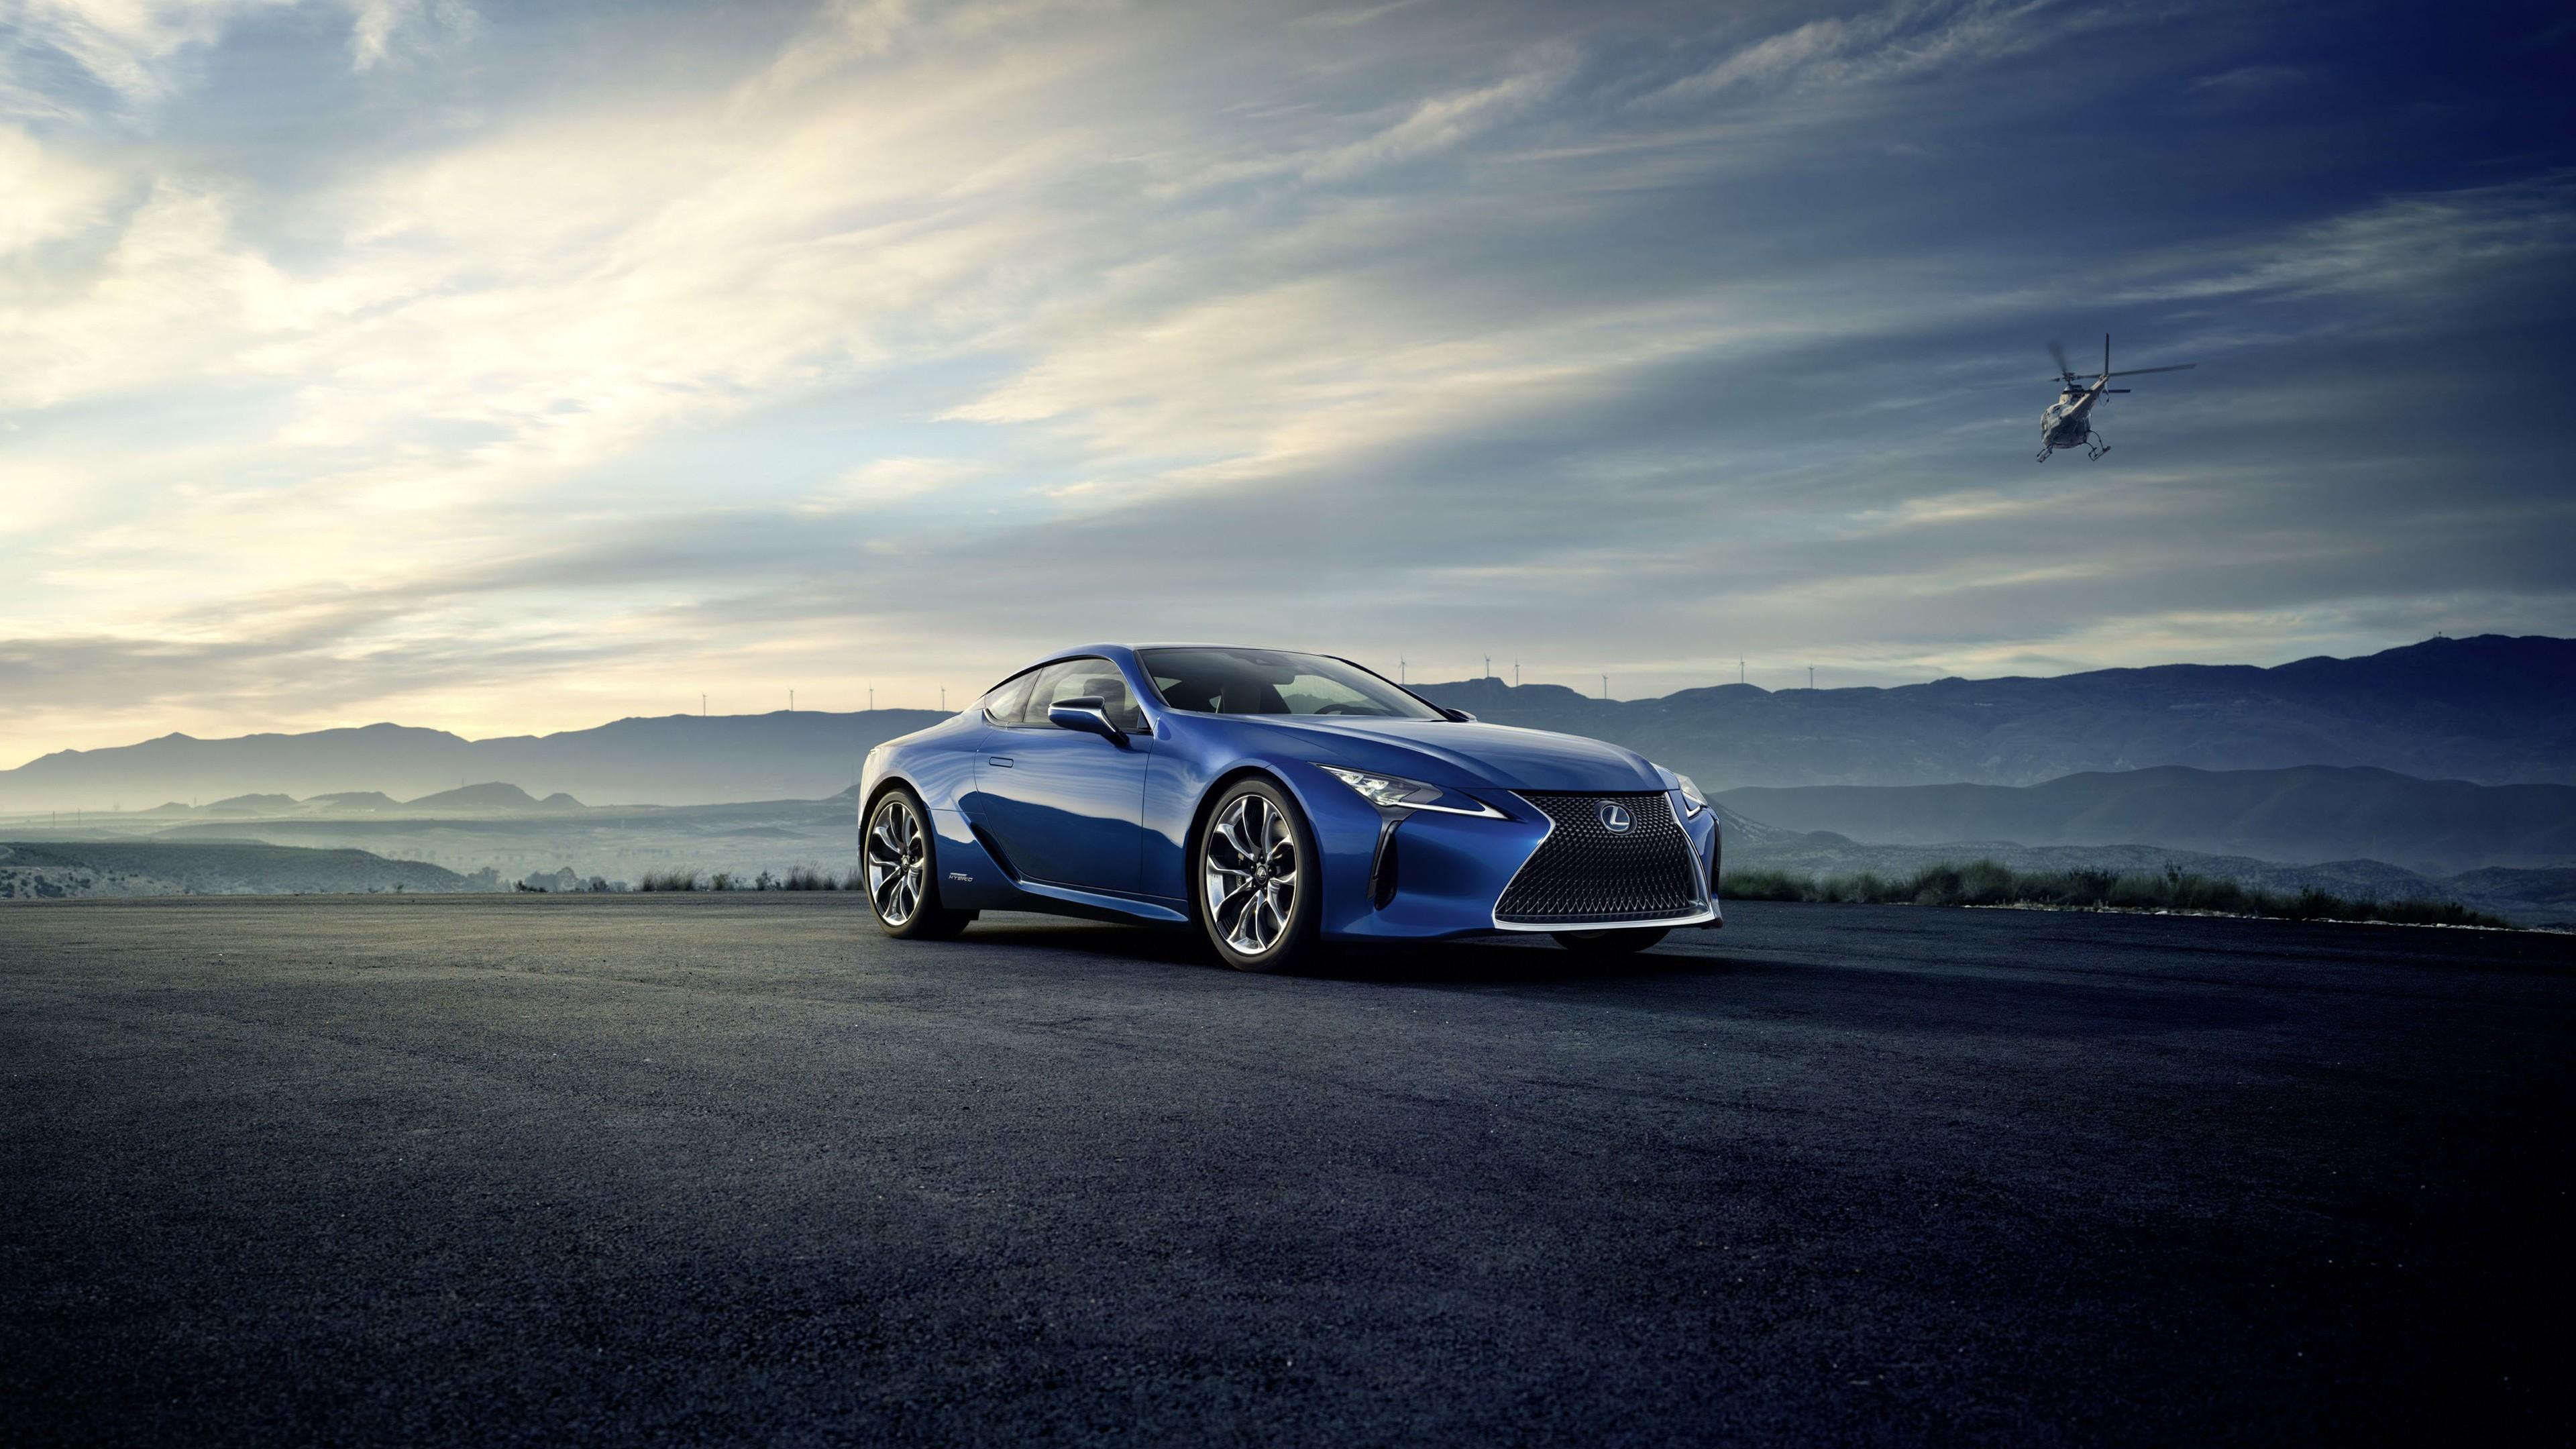 2018 Lexus LC500h Hybrid Coupe 4K Wallpaper | HD Car ...